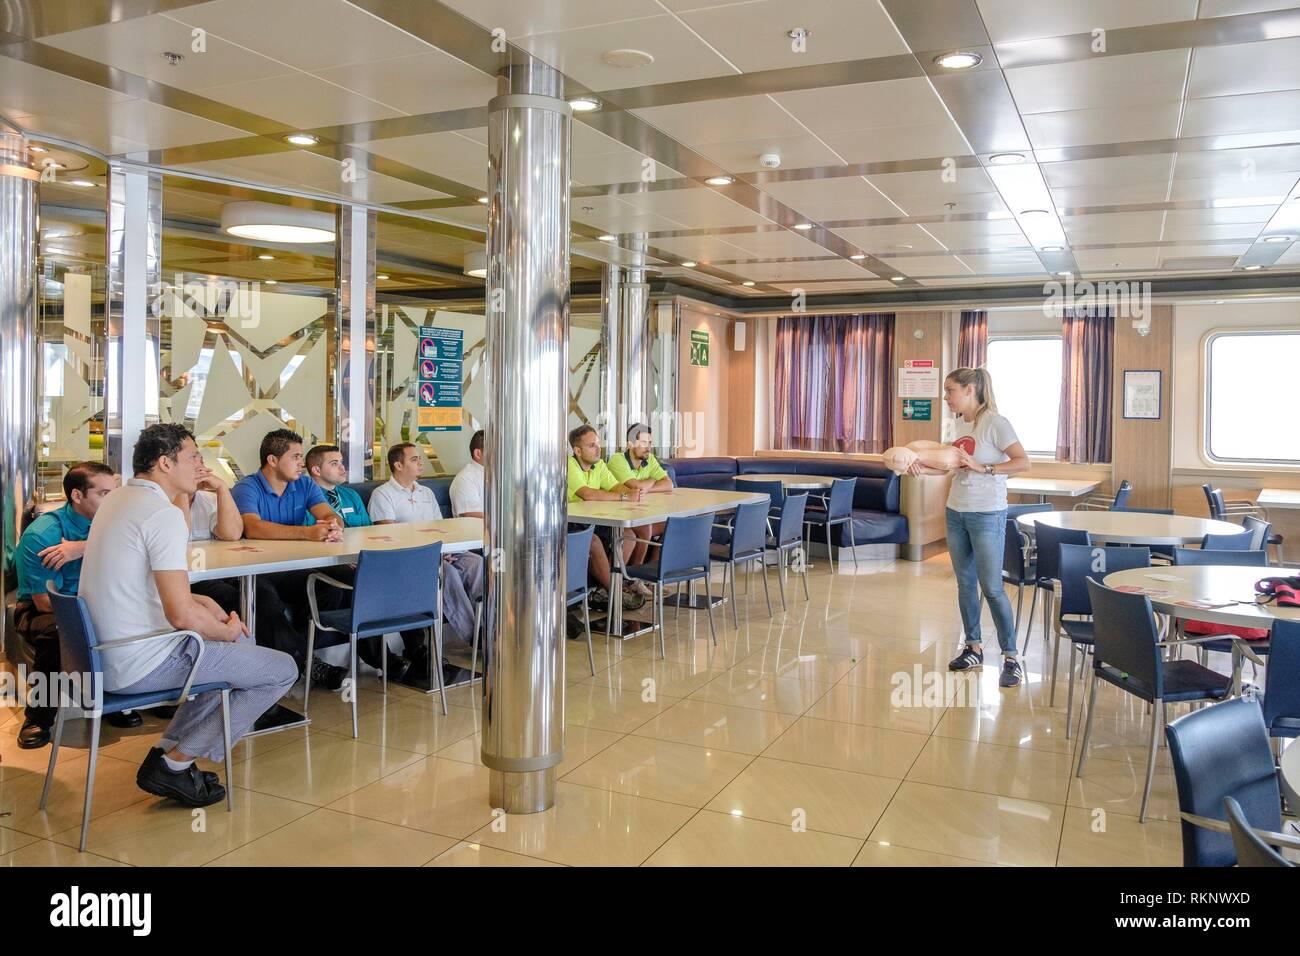 Primo soccorso corso di formazione, Visemar-Balearia nave, il porto di Palma di Maiorca, isole Baleari, Spagna. Immagini Stock